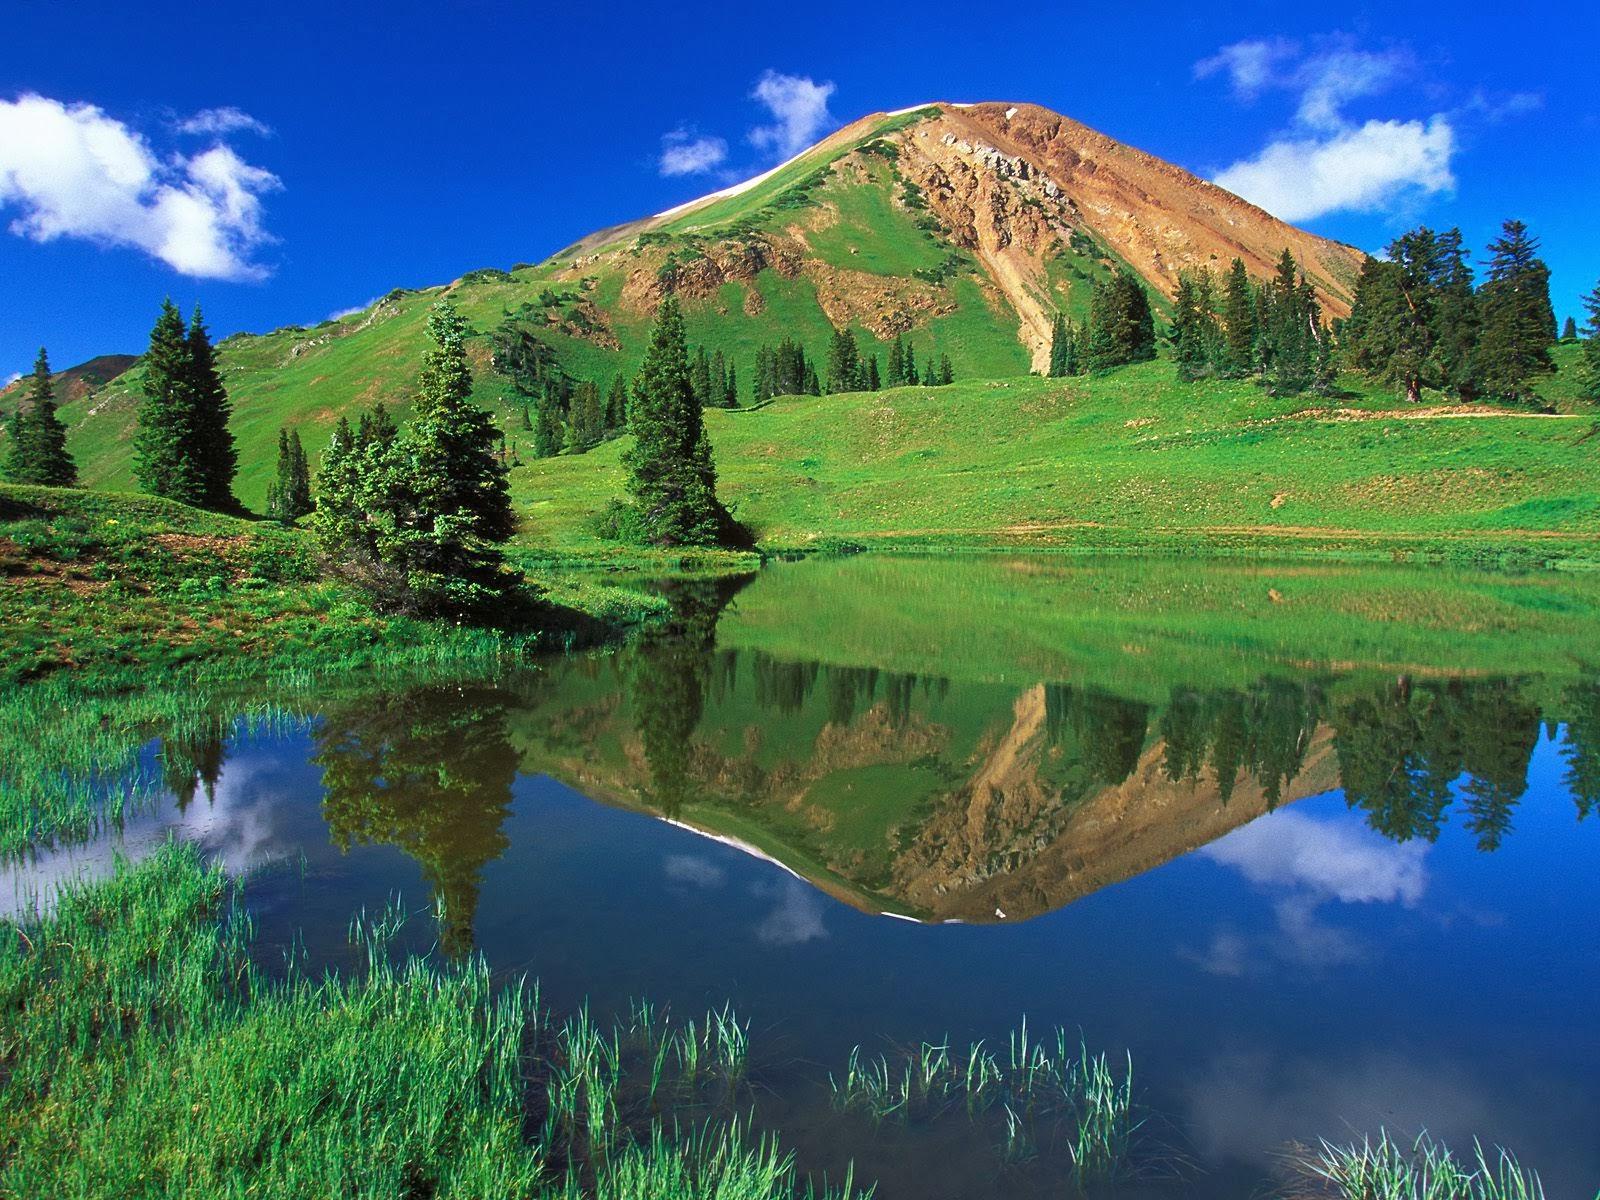 بالصور اروع الصور للطبيعة , شاهد بالصور ابداع الخالق فى الطبيعة 467 12